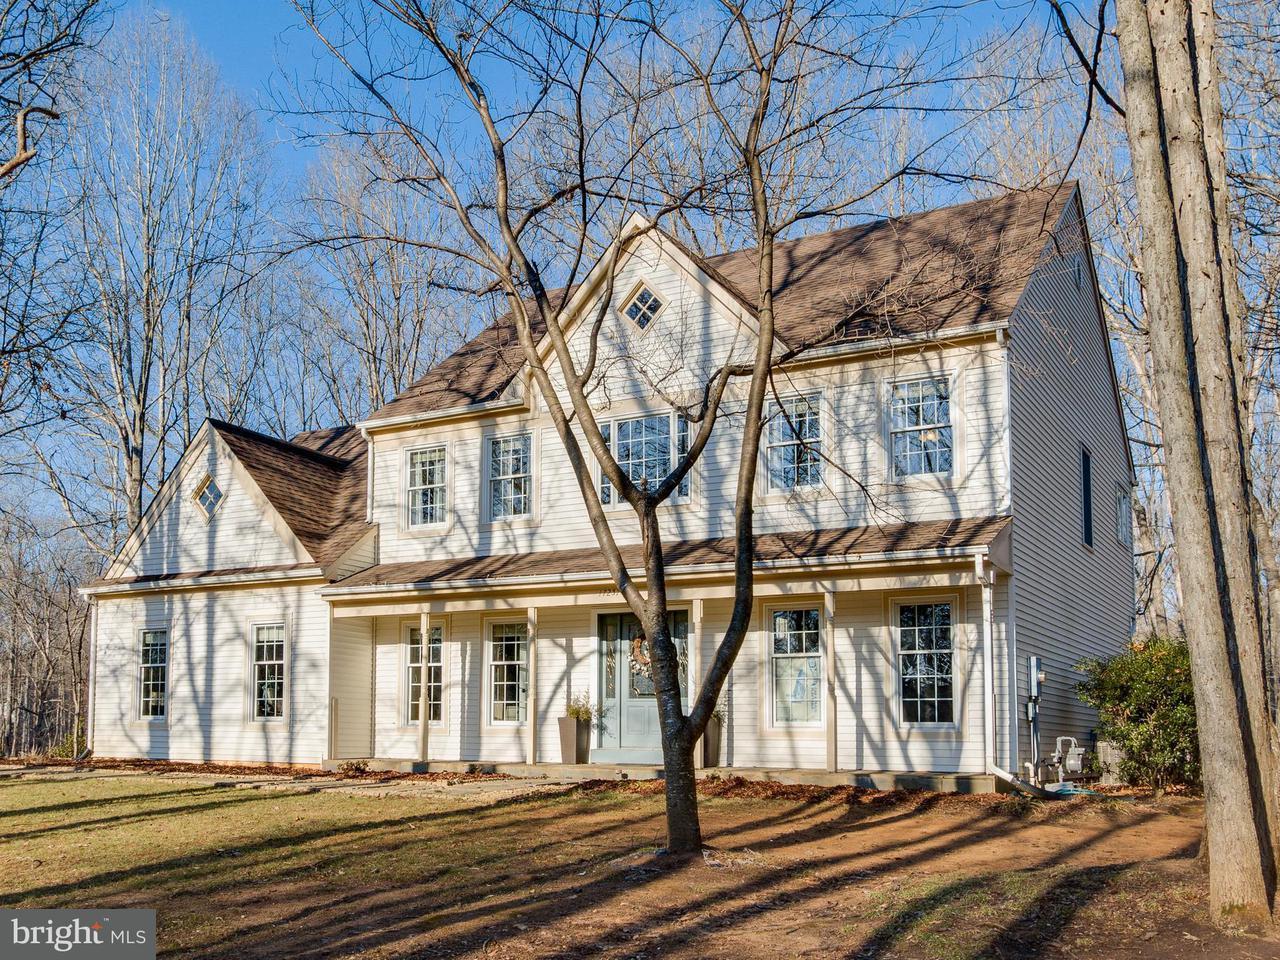 단독 가정 주택 용 매매 에 17237 Kent Court 17237 Kent Court Jeffersonton, 버지니아 22724 미국